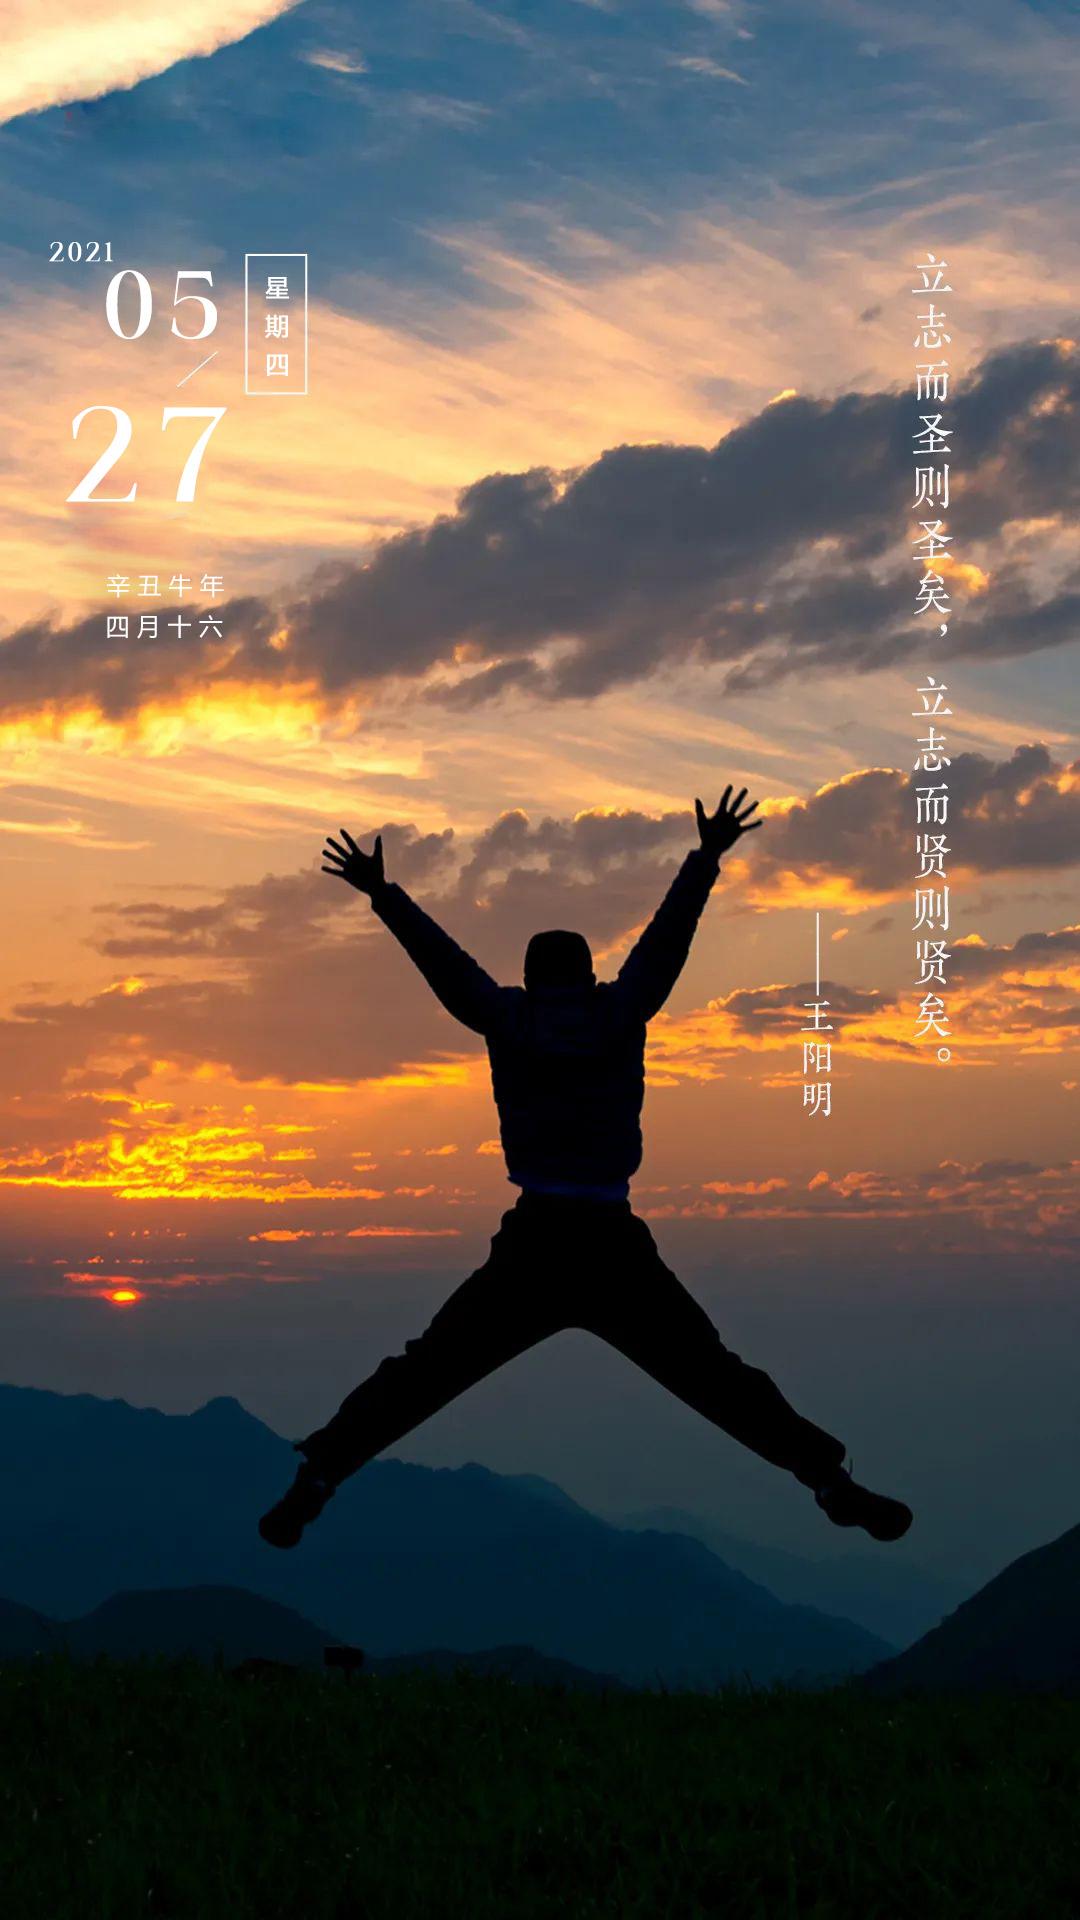 阳光向上的早上好句子配图片,正能量激励图片带字